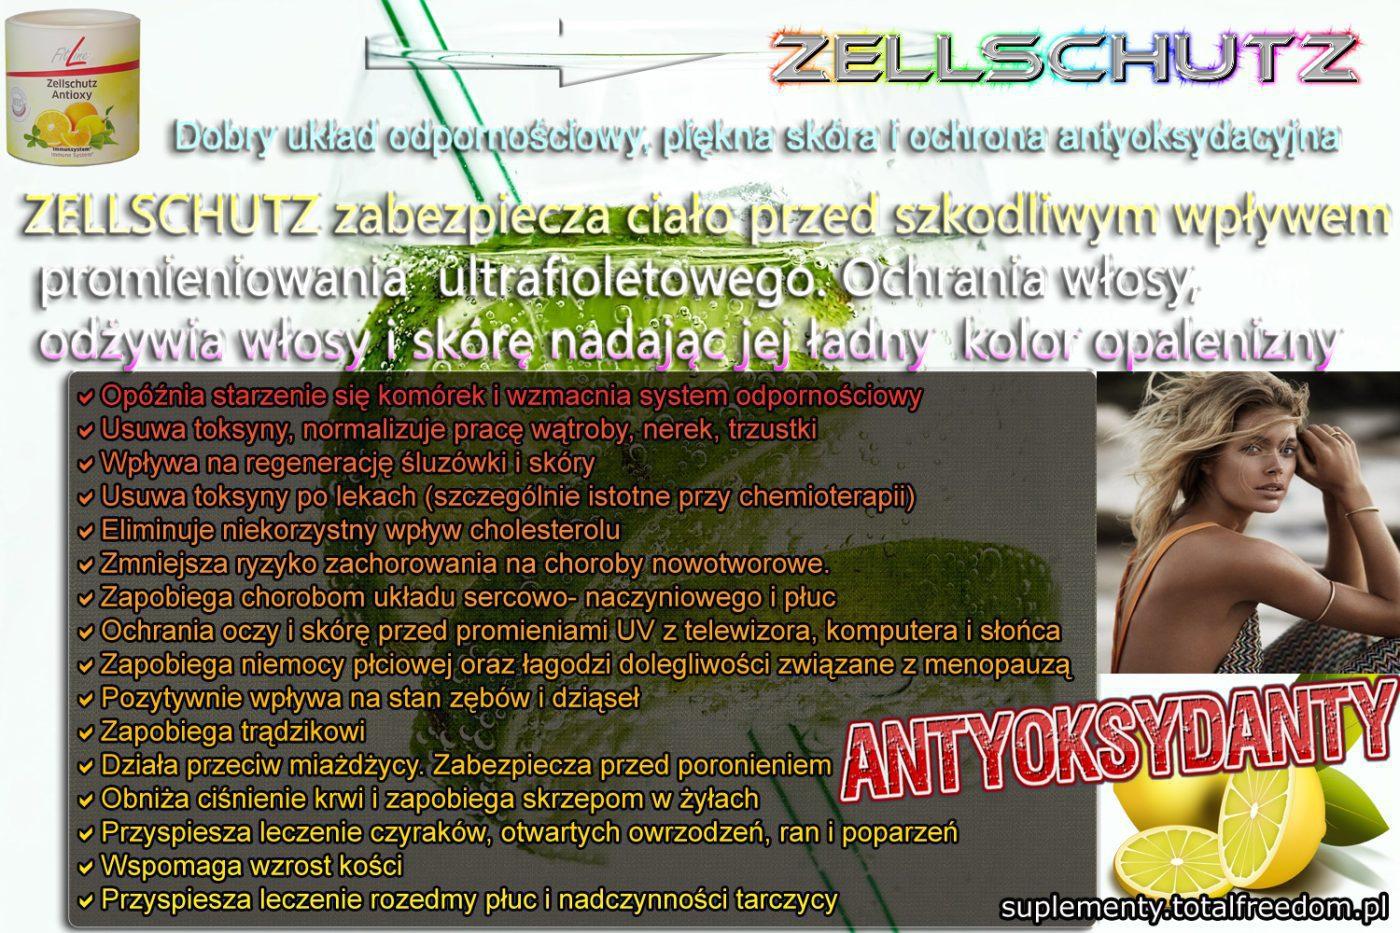 zellschutz